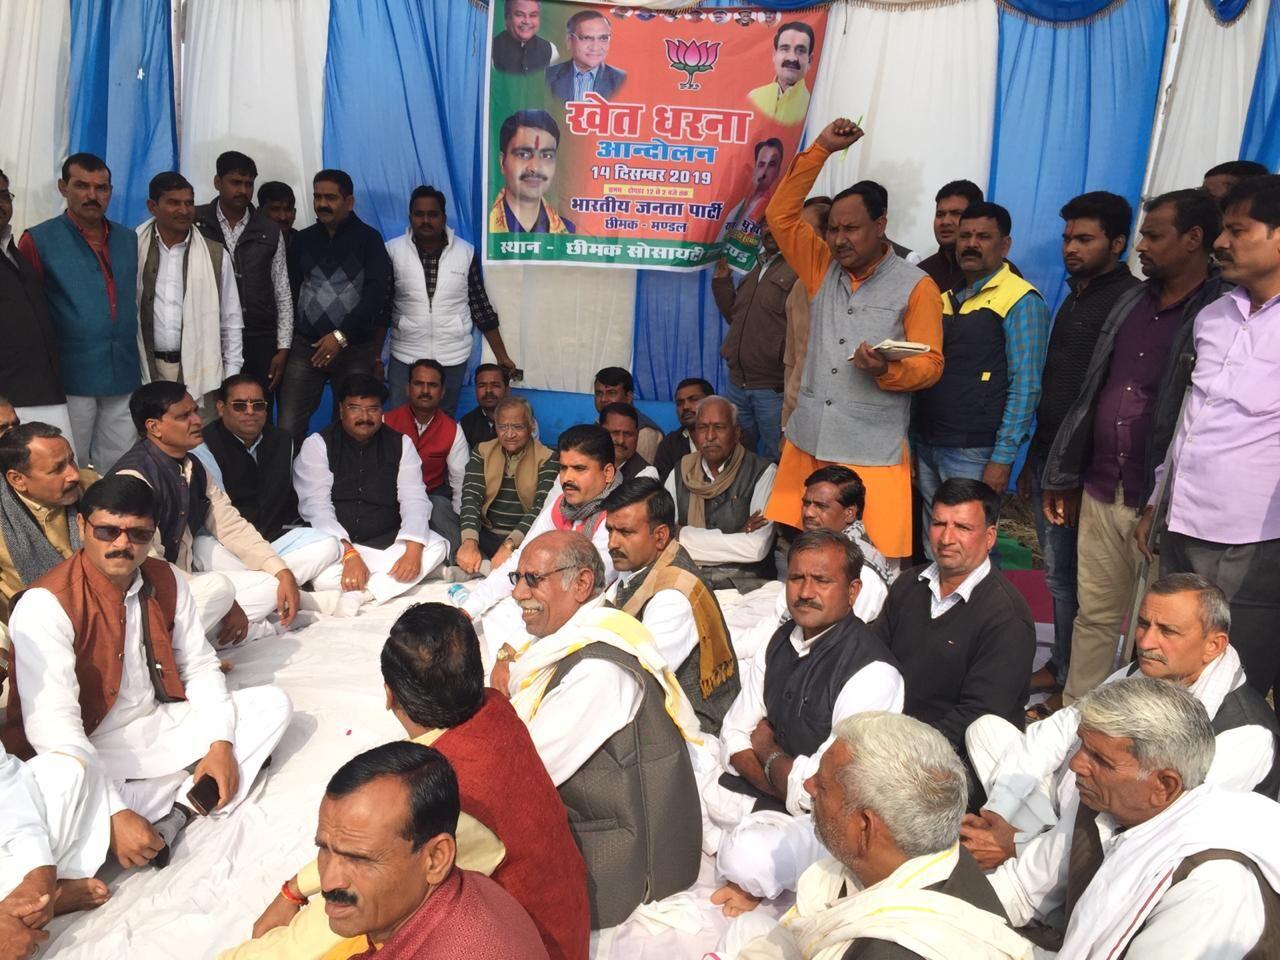 कांग्रेस के खिलाफ भाजपा का शहर एवं ग्रामीण में खेत धरना